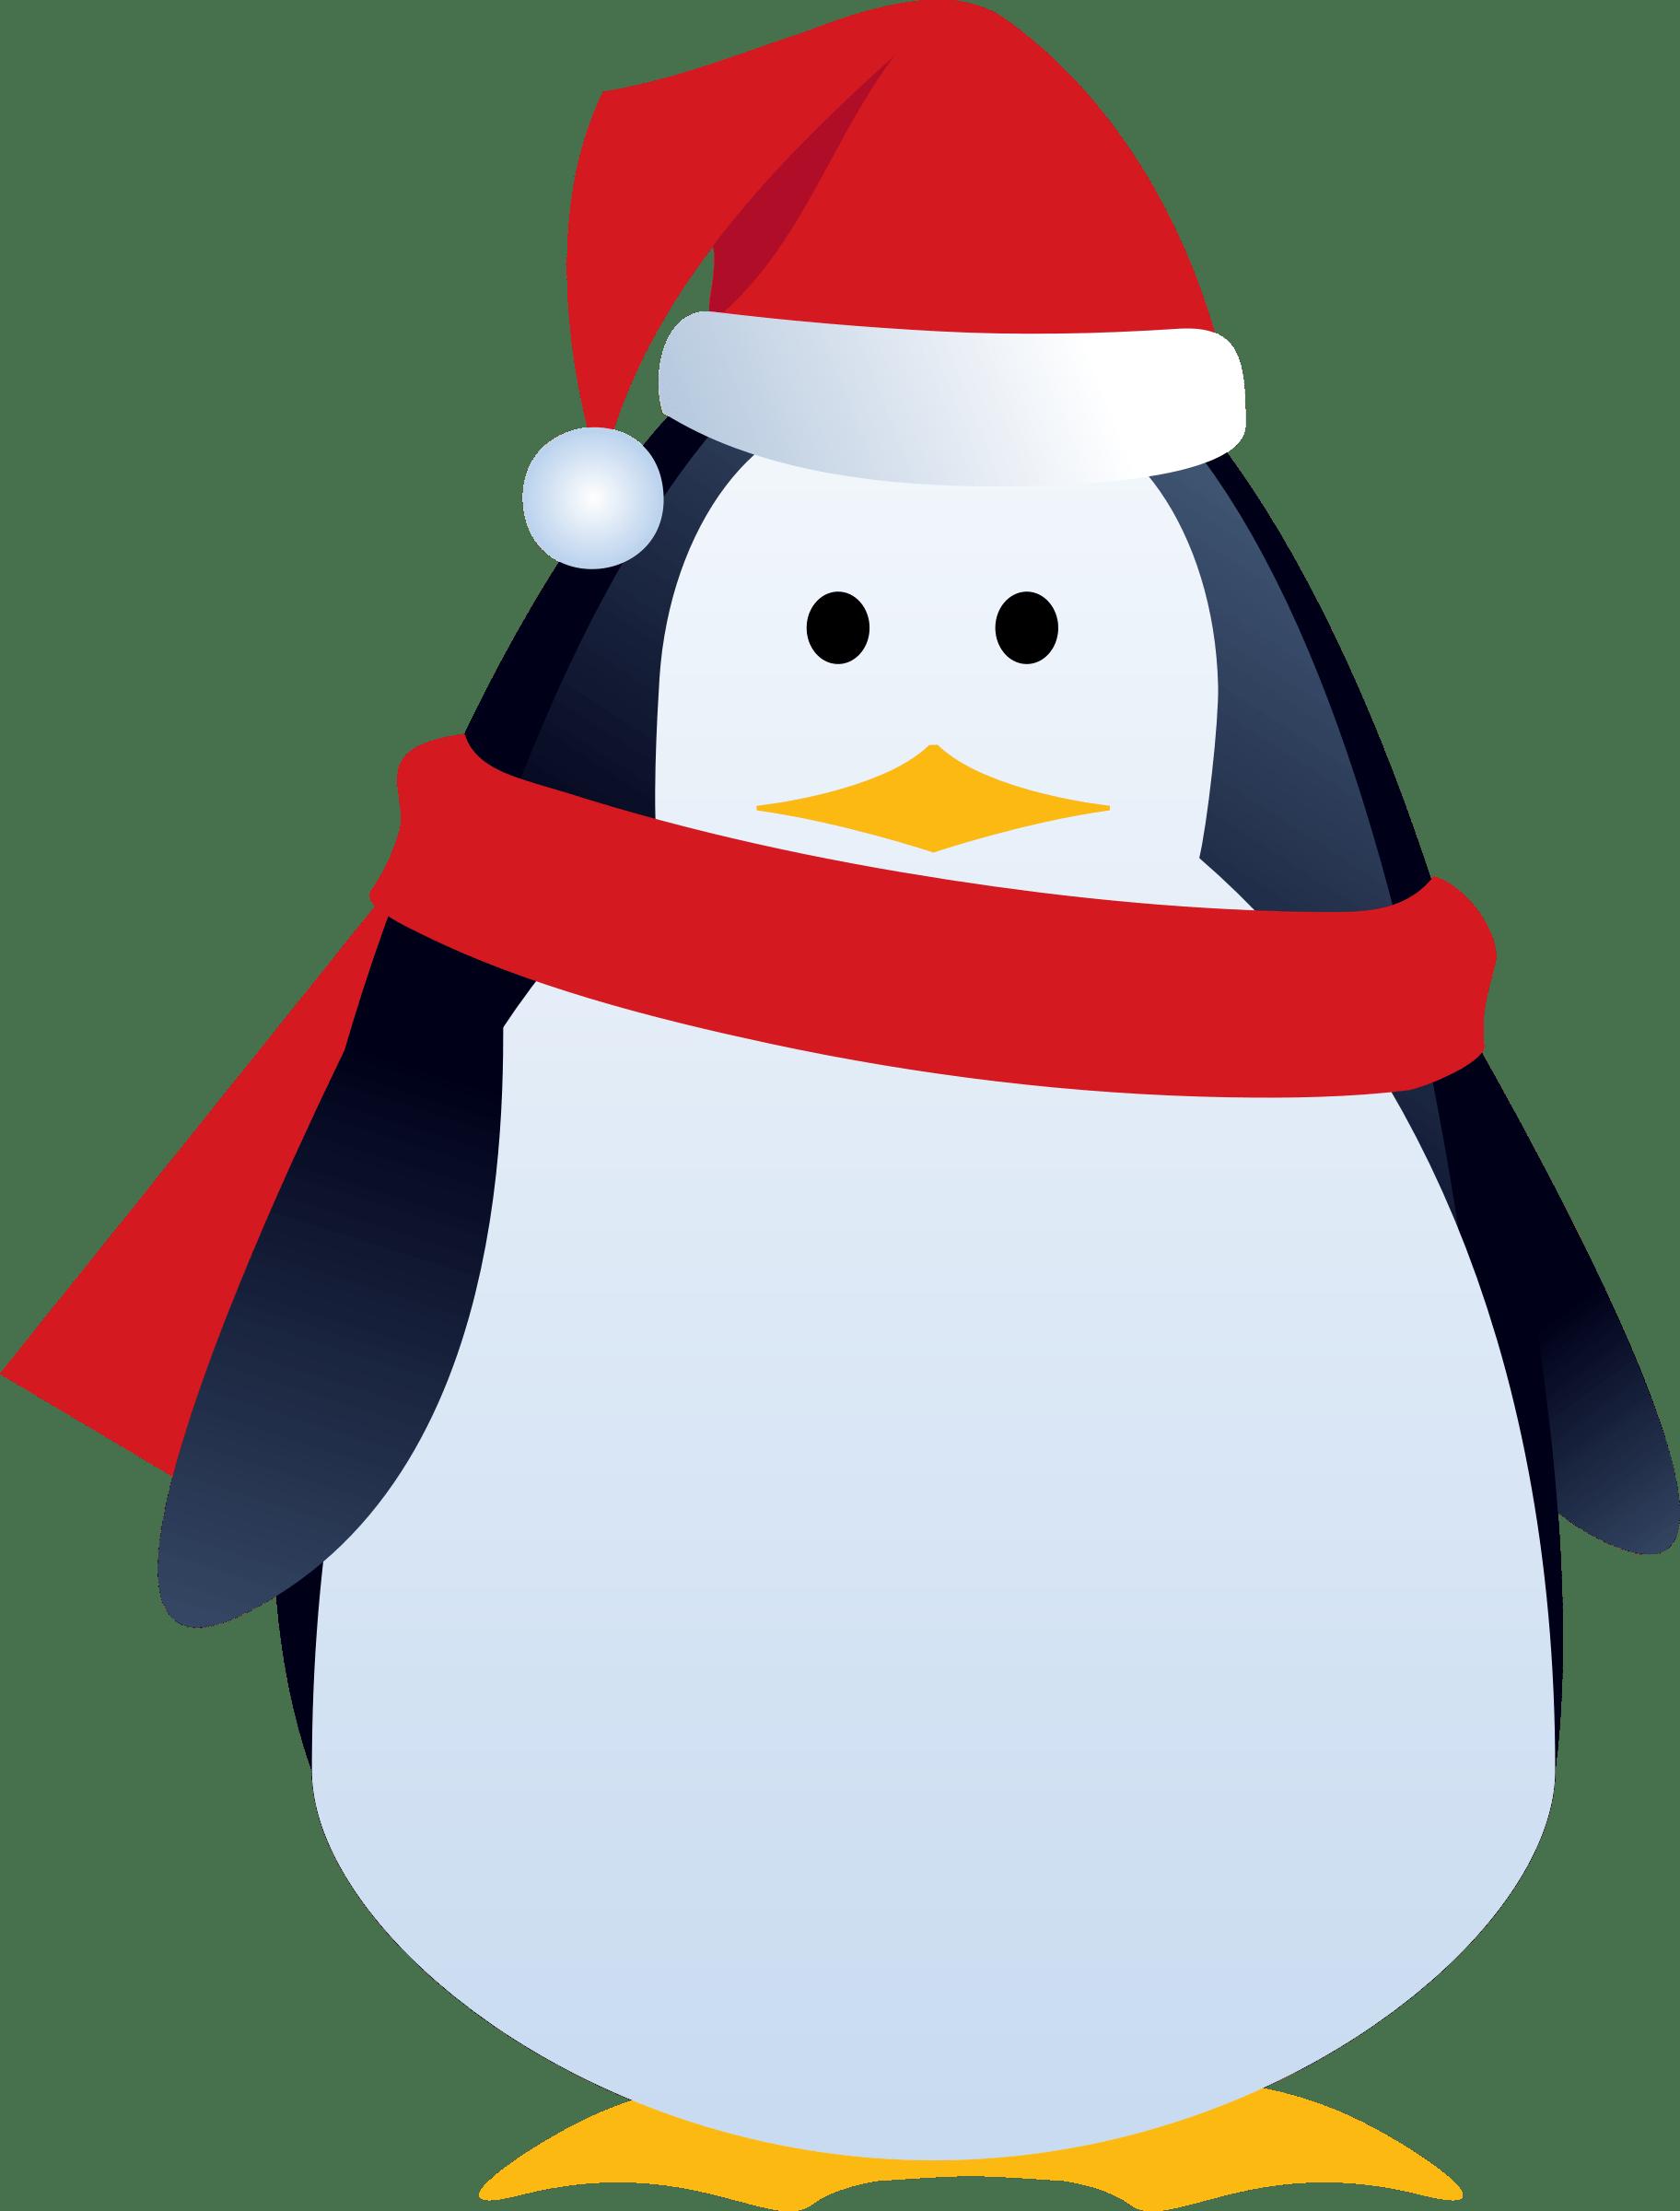 Christmas Penguin Cartoon transparent PNG.